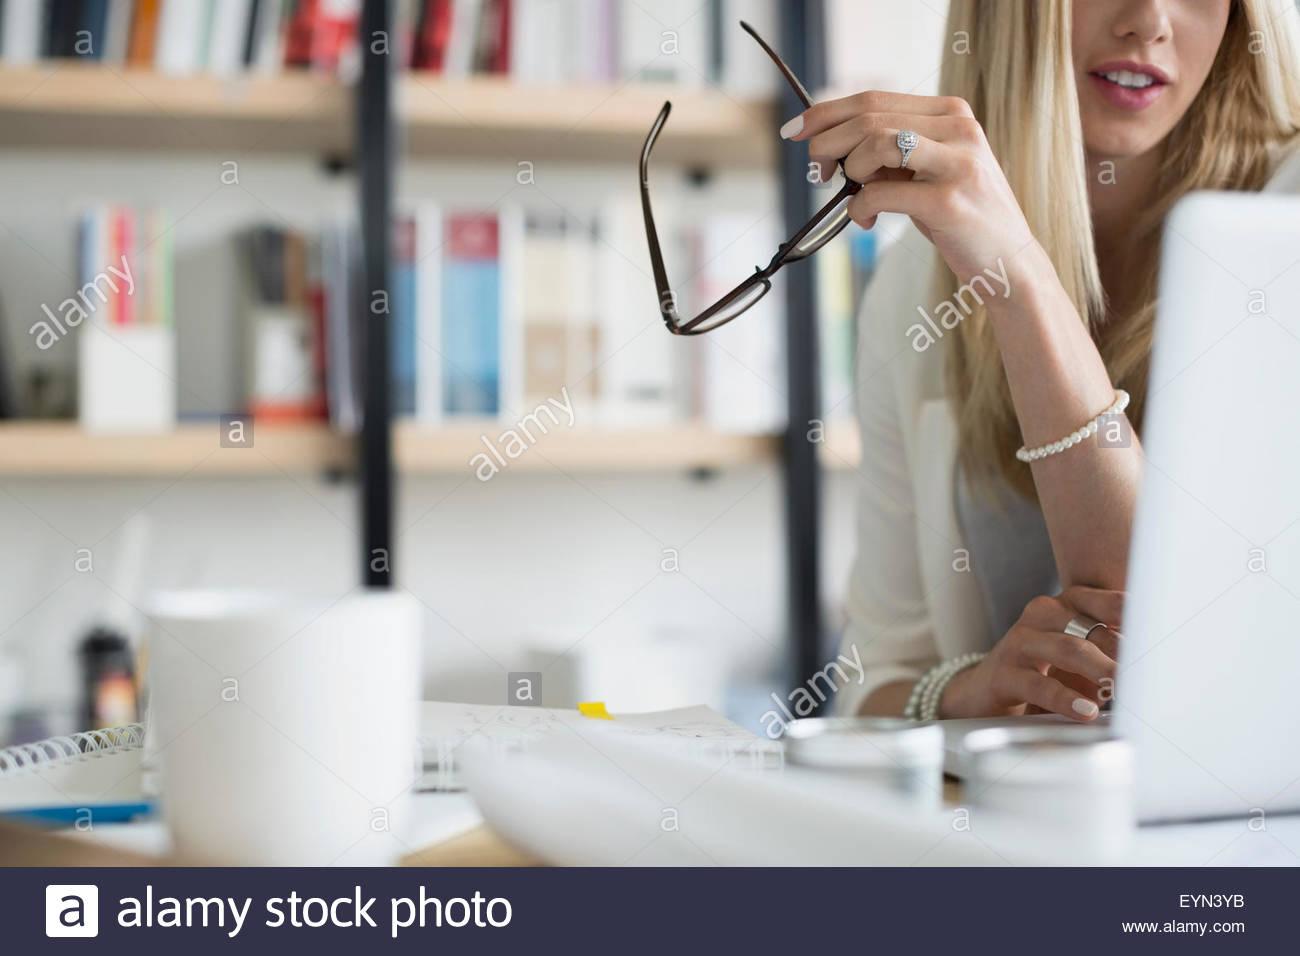 Architect holding eyeglasses using laptop - Stock Image